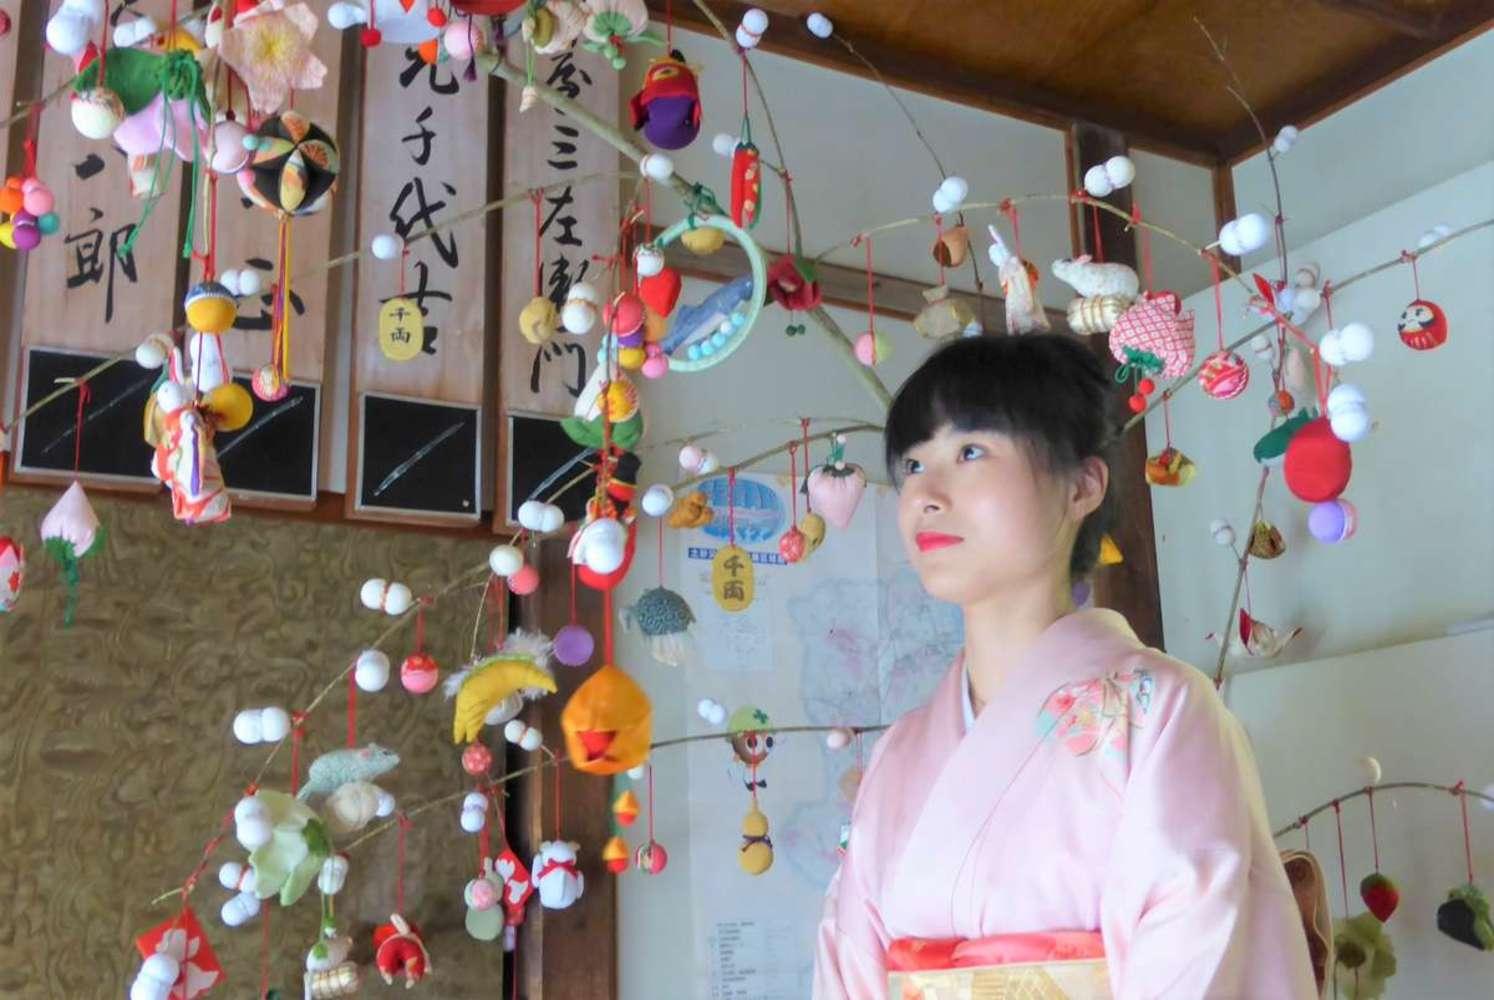 【外国人の静岡観光レポート】着物を着て芸者気分に♪ 伊豆長岡見番で芸者さんの稽古を見学